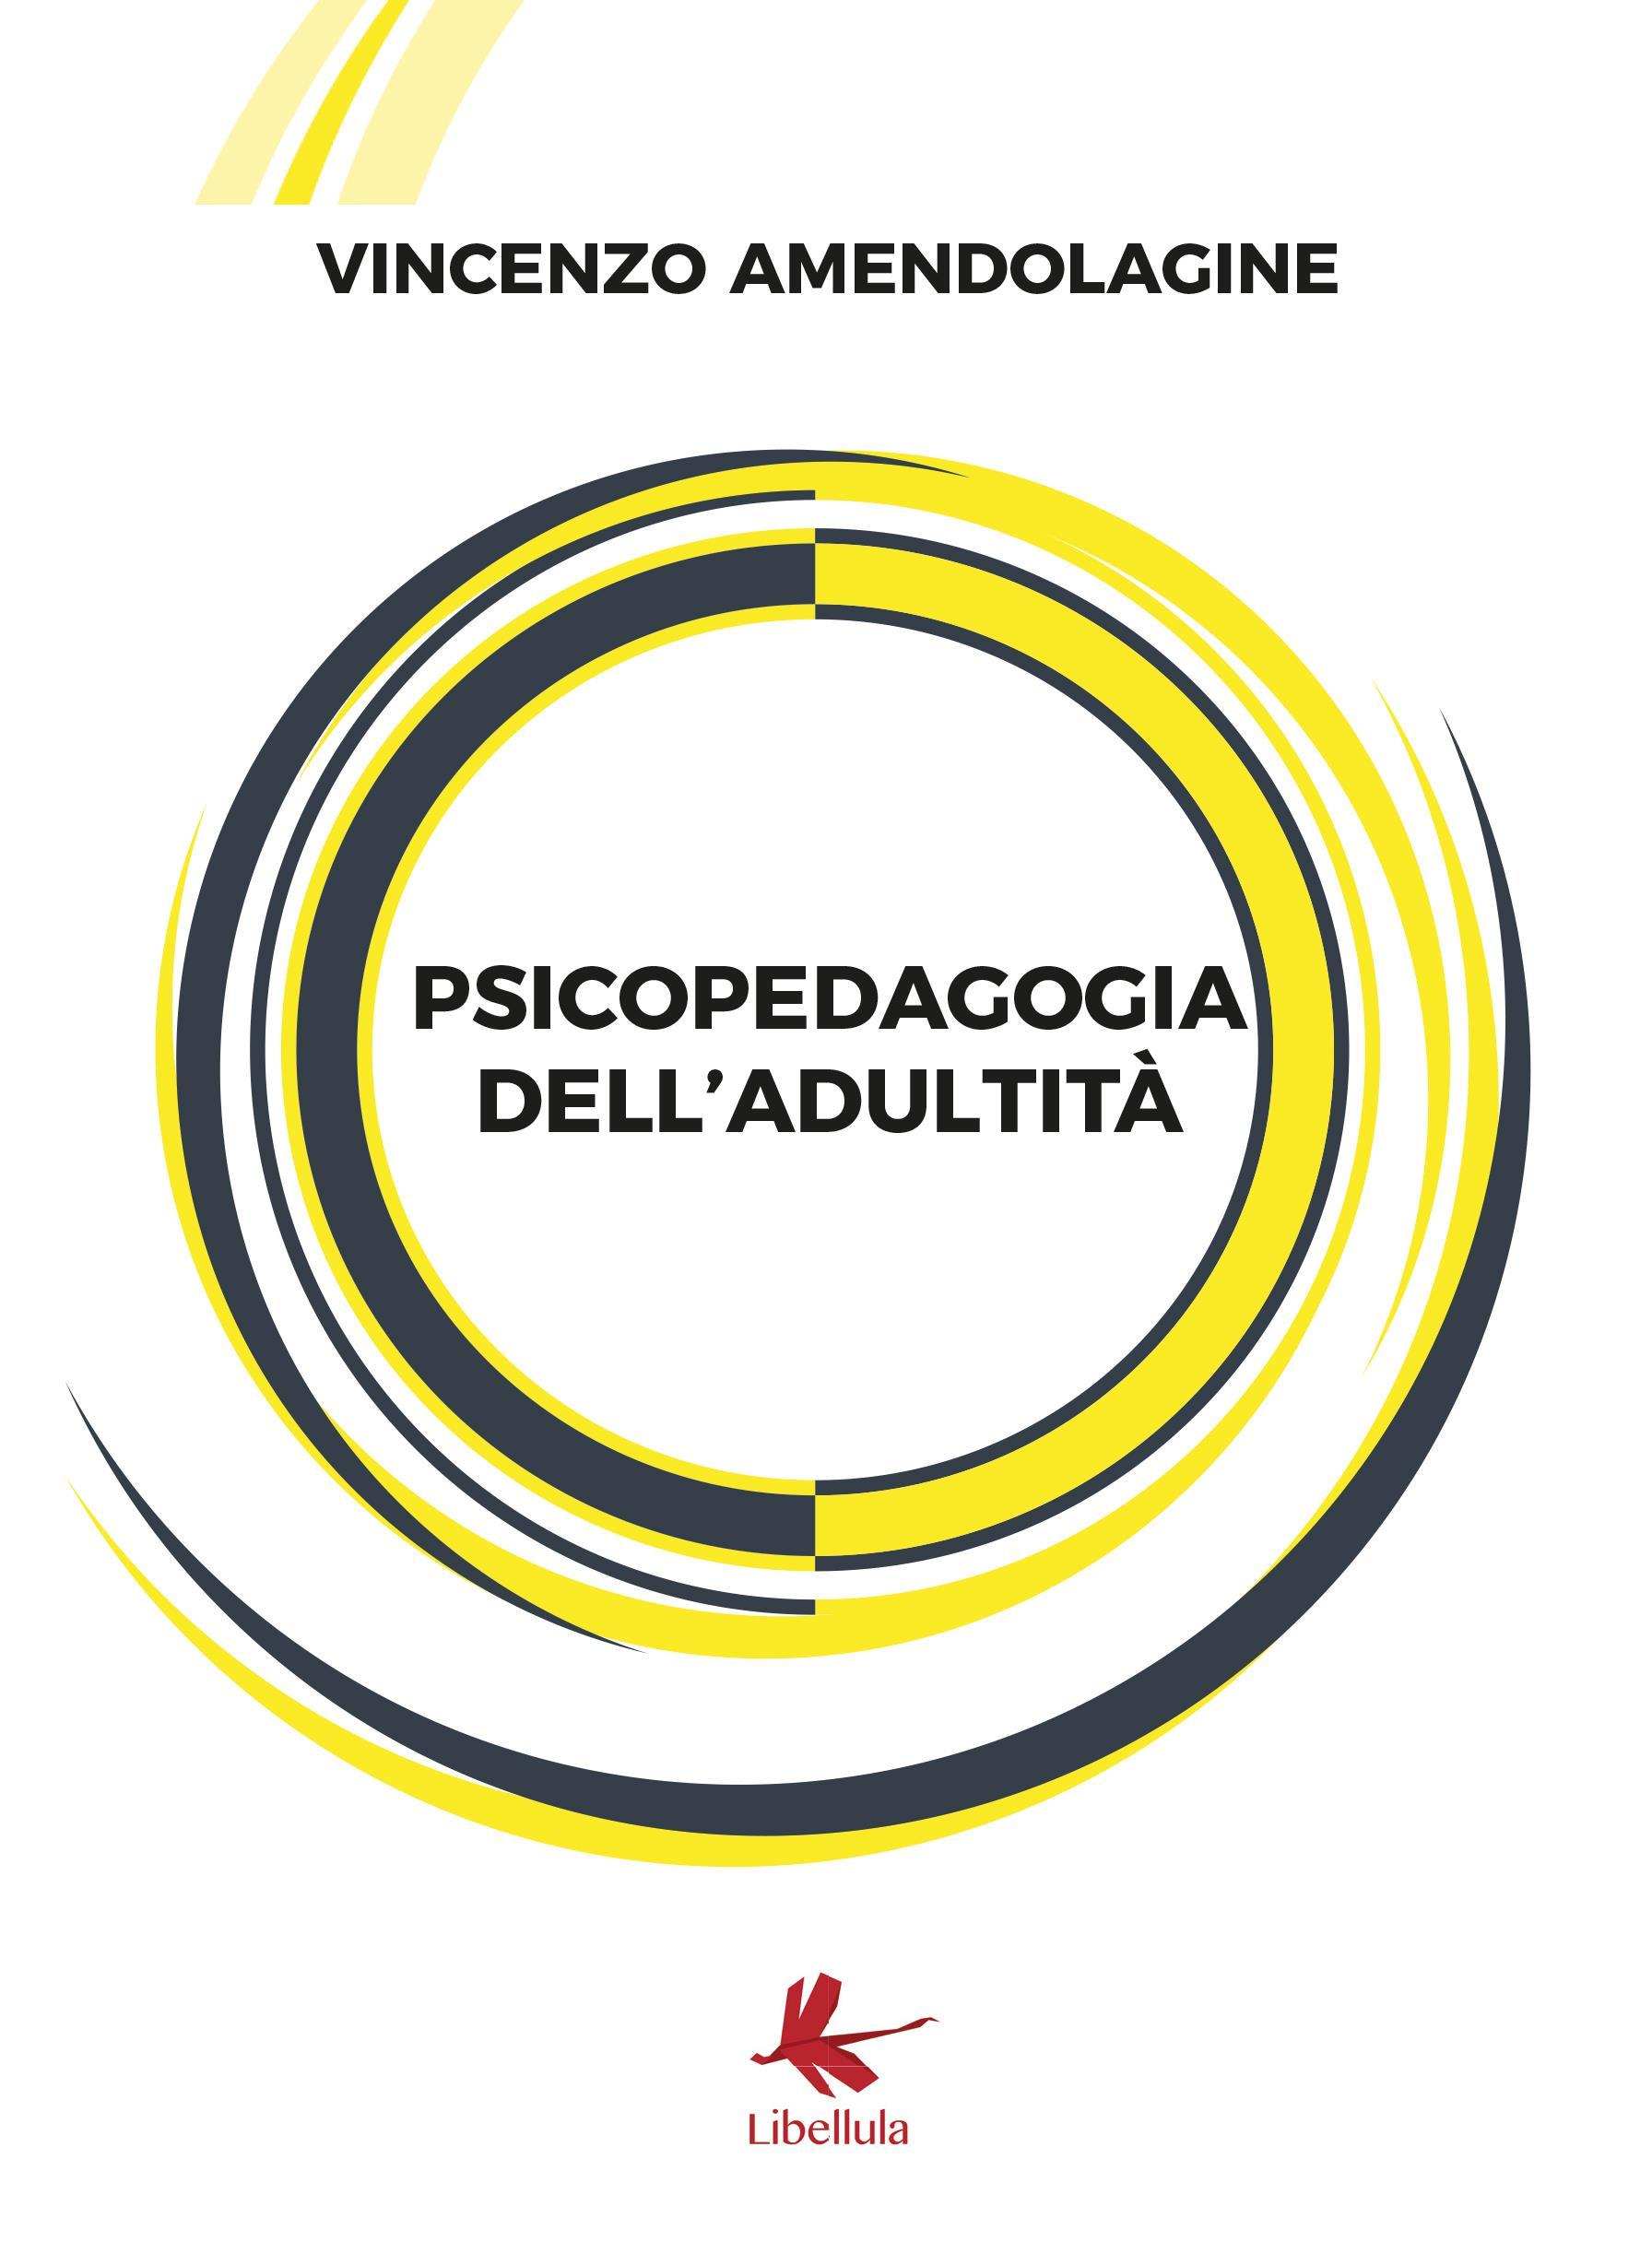 Psicopedagogia dell'adultità